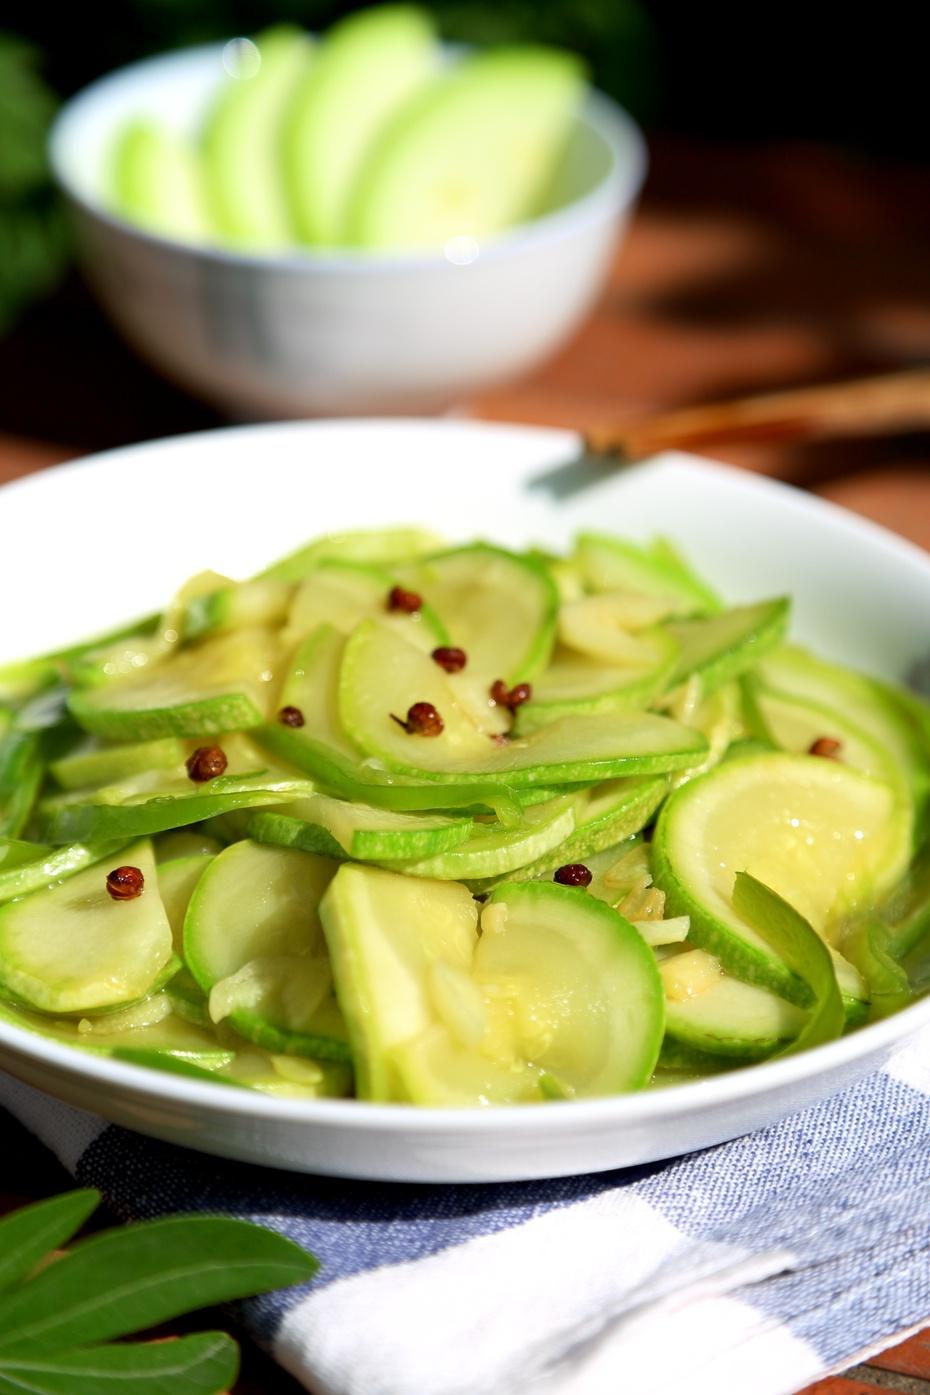 炒菜瓜,几粒花椒就出彩 - 海军航空兵 - 海军航空兵